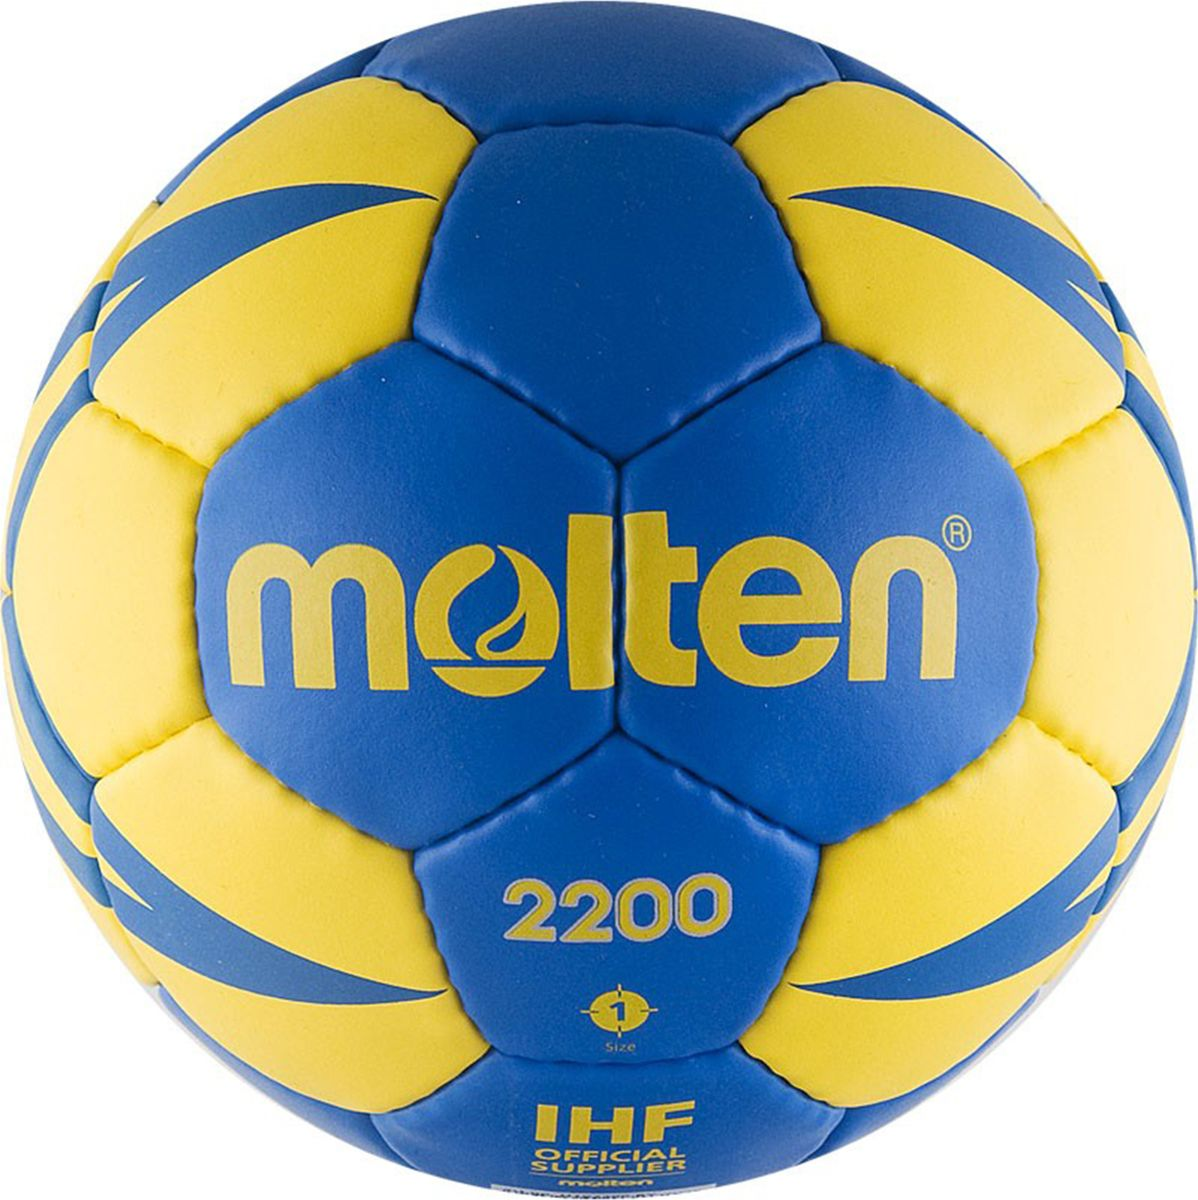 Мяч гандбольный Molten. Размер 1. H1X2200-BYH1X2200-BYТренировочный гандбольный мяч MOLTEN 2200. Мягкая синтетическая кожа (полиуретан), 3 подкладочных слоя из синтетической ткани, слой пены для мягкости, латексная камера, ручная сшивка, 32 панели.